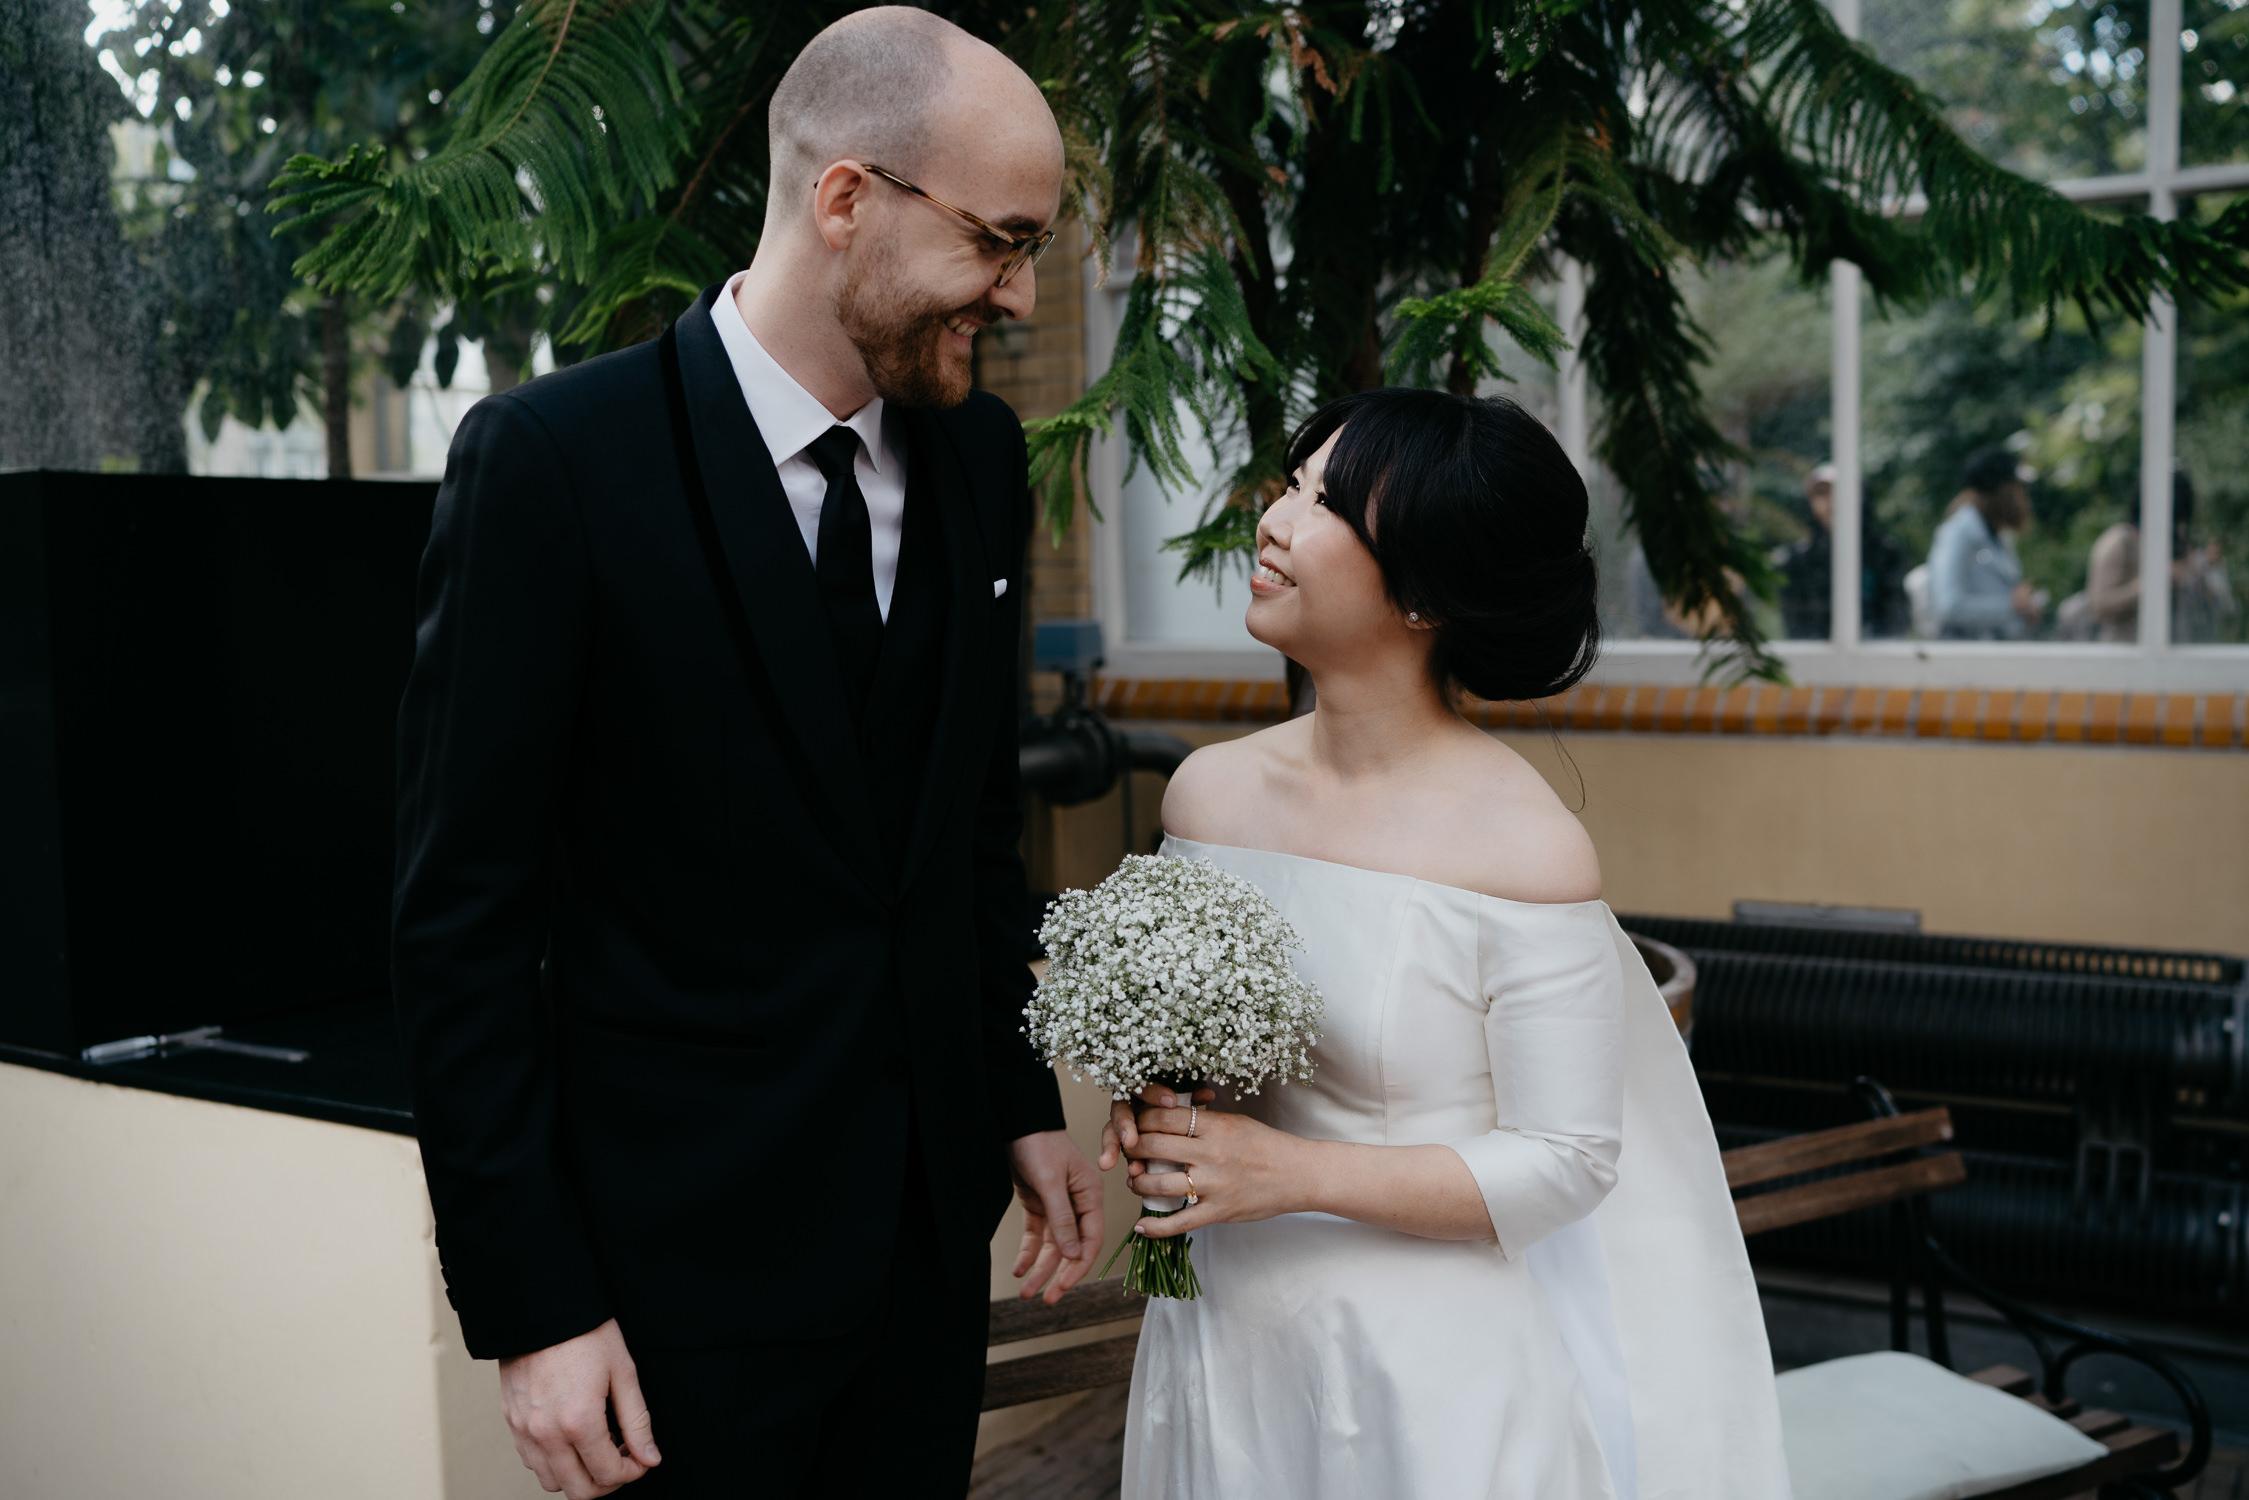 bruiloft in botanische tuin amsterdam fotografie door Mark hadden